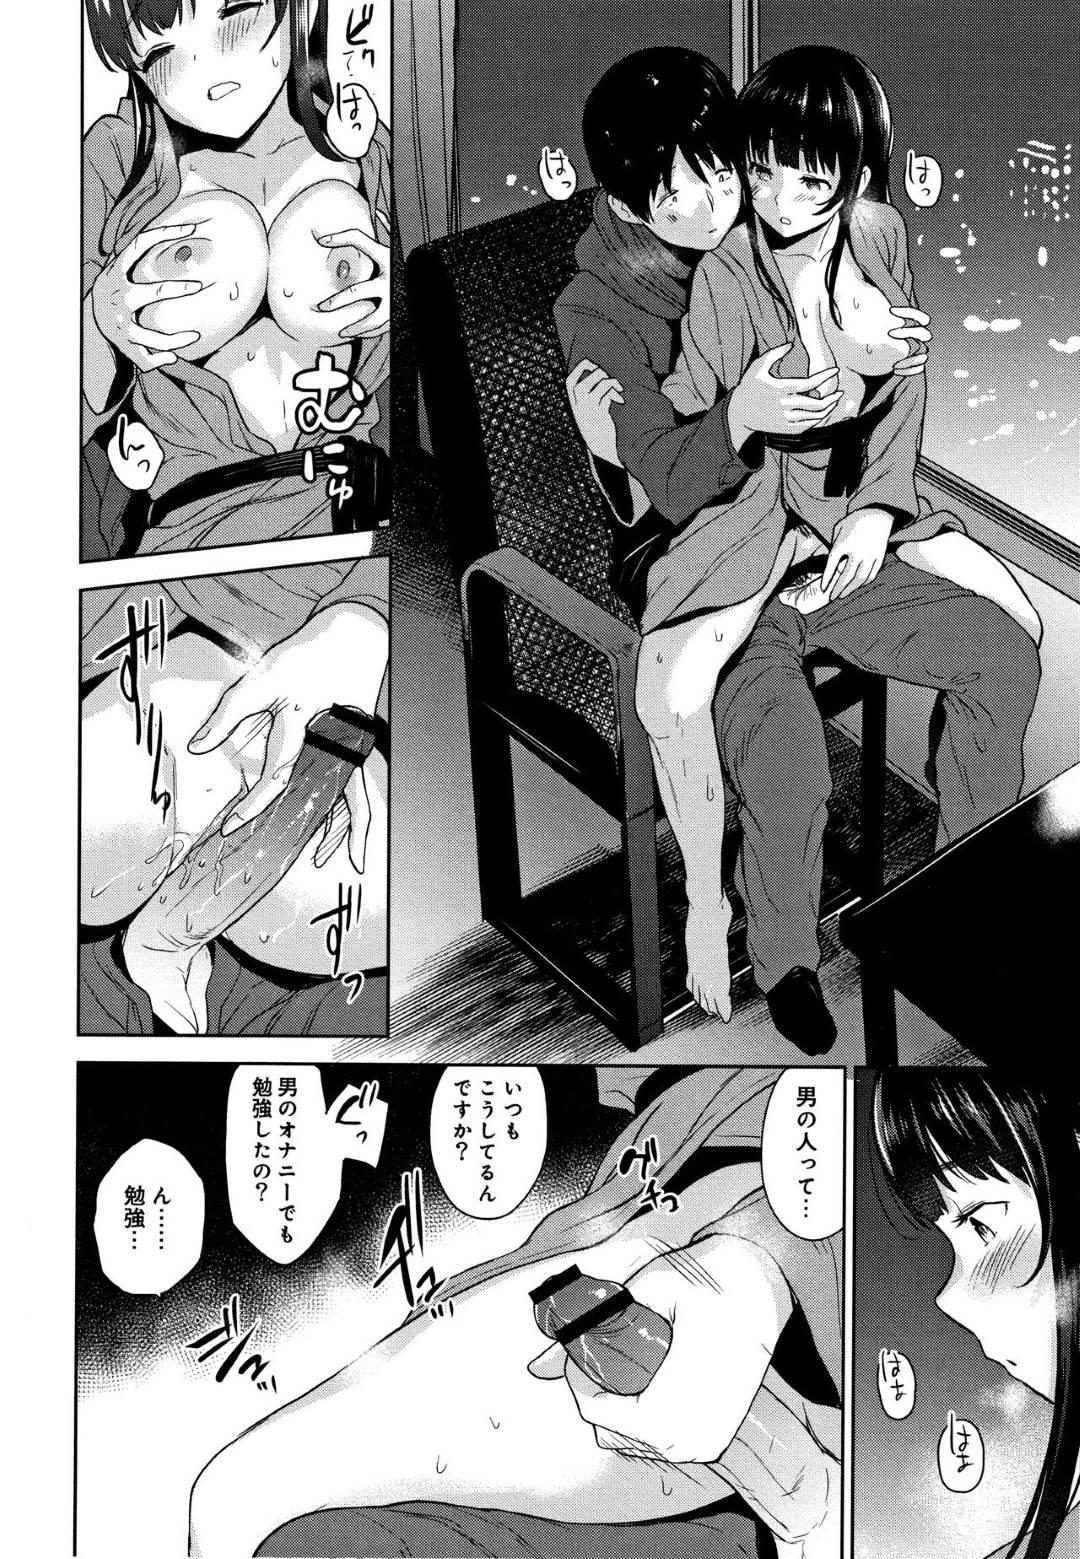 【エロ漫画】ひょんな事からフリーターの主人公と仲良くなった清楚系JK…彼をこっそり修学旅行へ呼んだ彼女は誰も居ない旅館や温泉でイチャラブセックスしてしまう。二人の行動はエスカレートしていき、押入れの中や人が寝ているそばでセックスするように。【あずせ:カワイイ女の子を釣る方法 第六話】